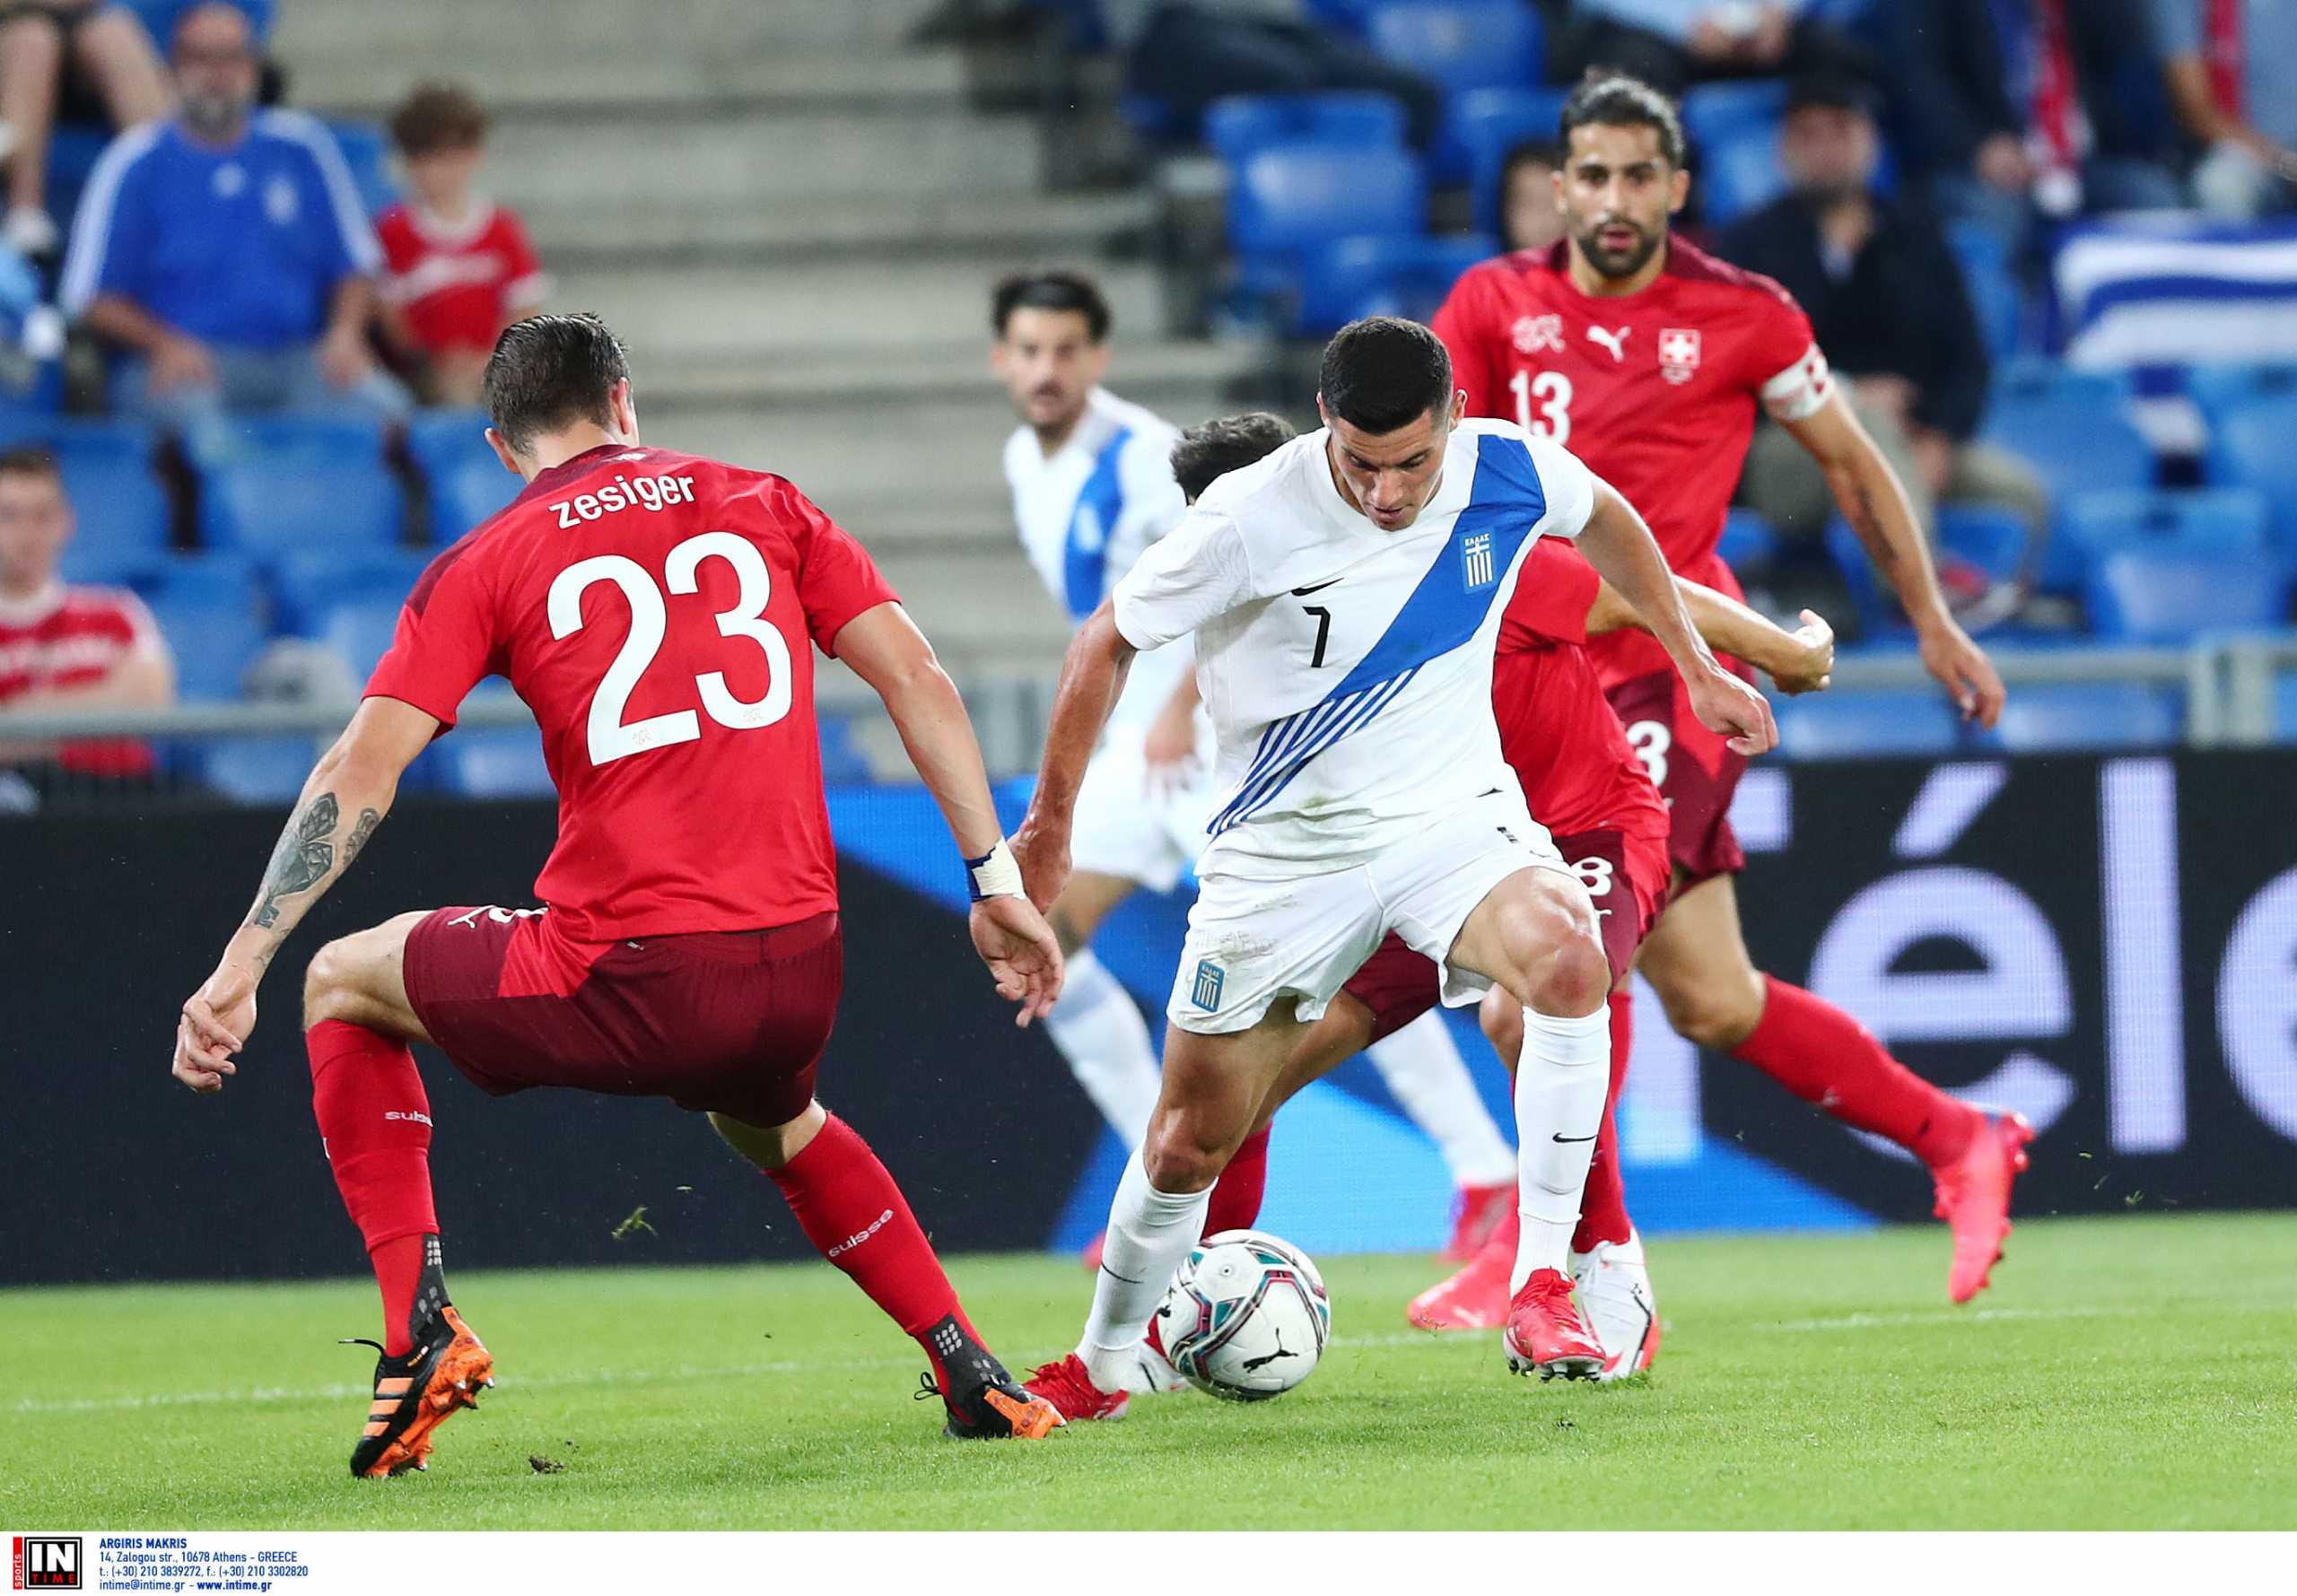 Ελβετία – Ελλάδα 2-1: Ηττήθηκε αλλά άφησε υποσχέσεις η Εθνική